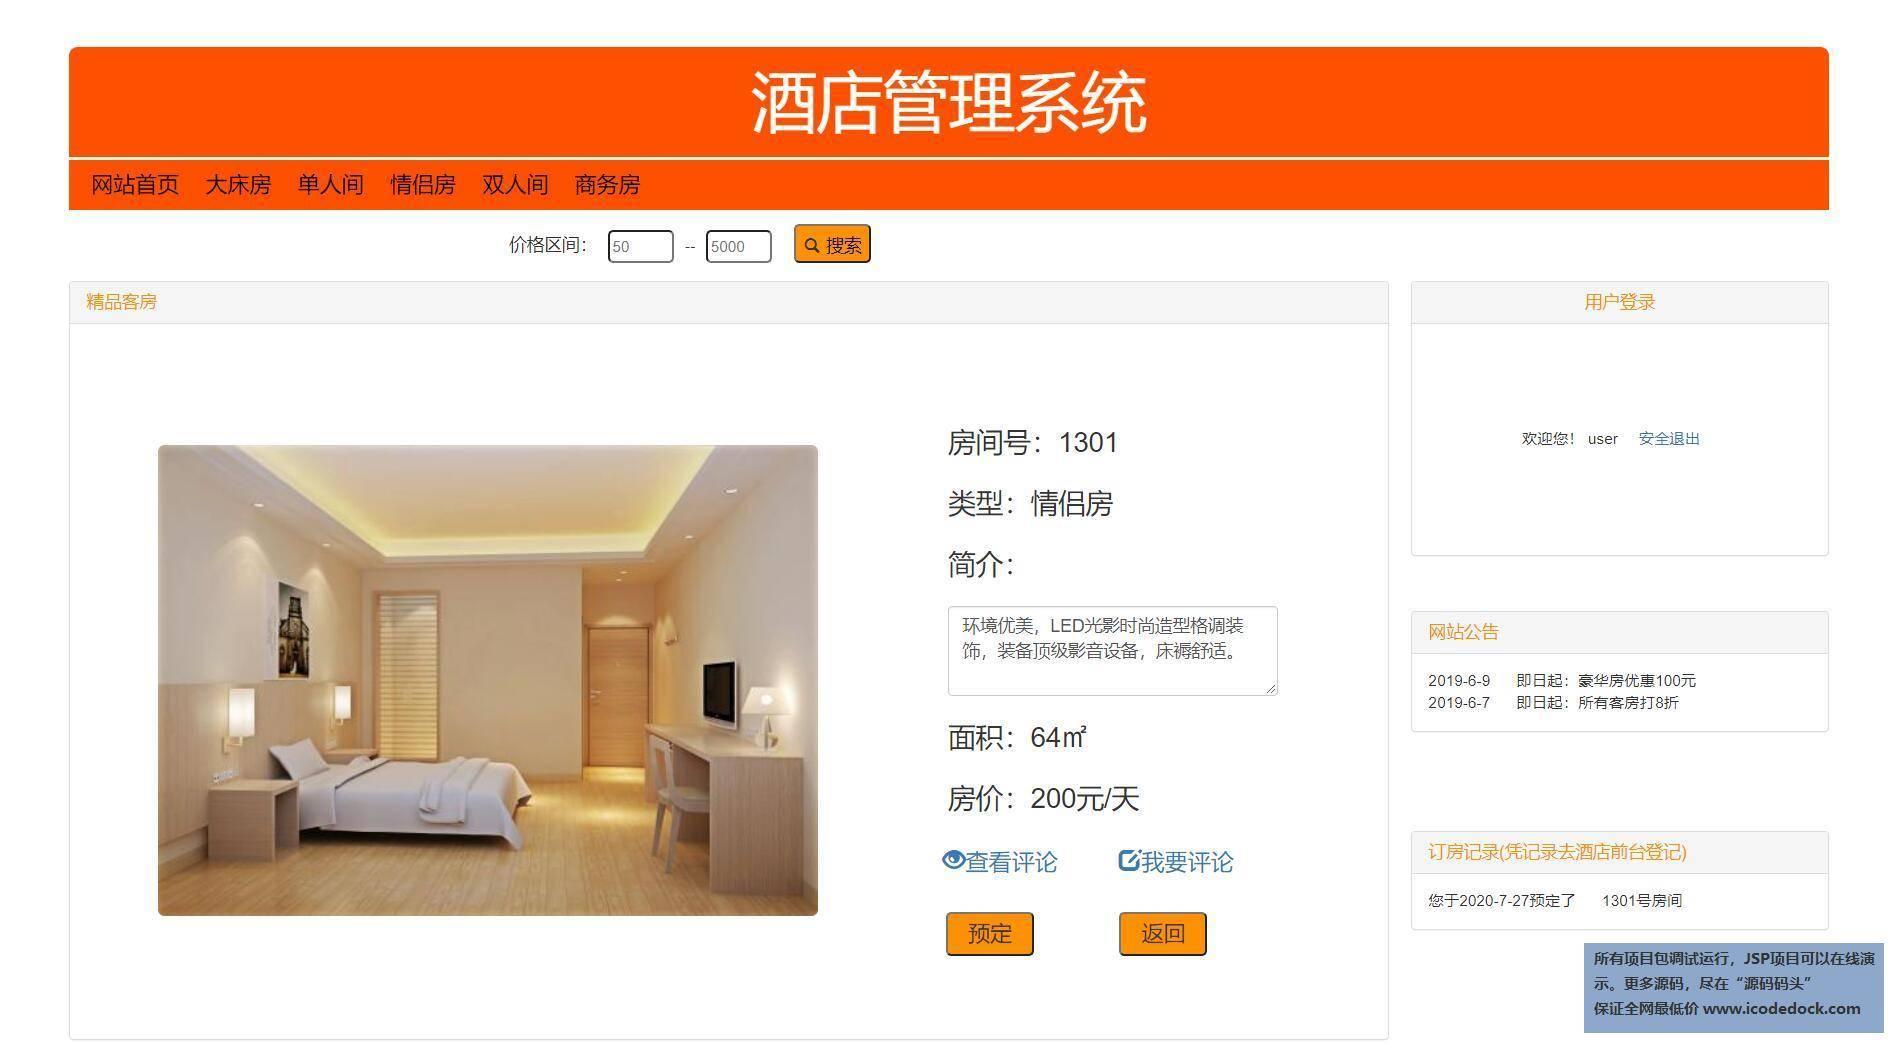 源码码头-SSM酒店客房管理系统-用户角色-查看客房